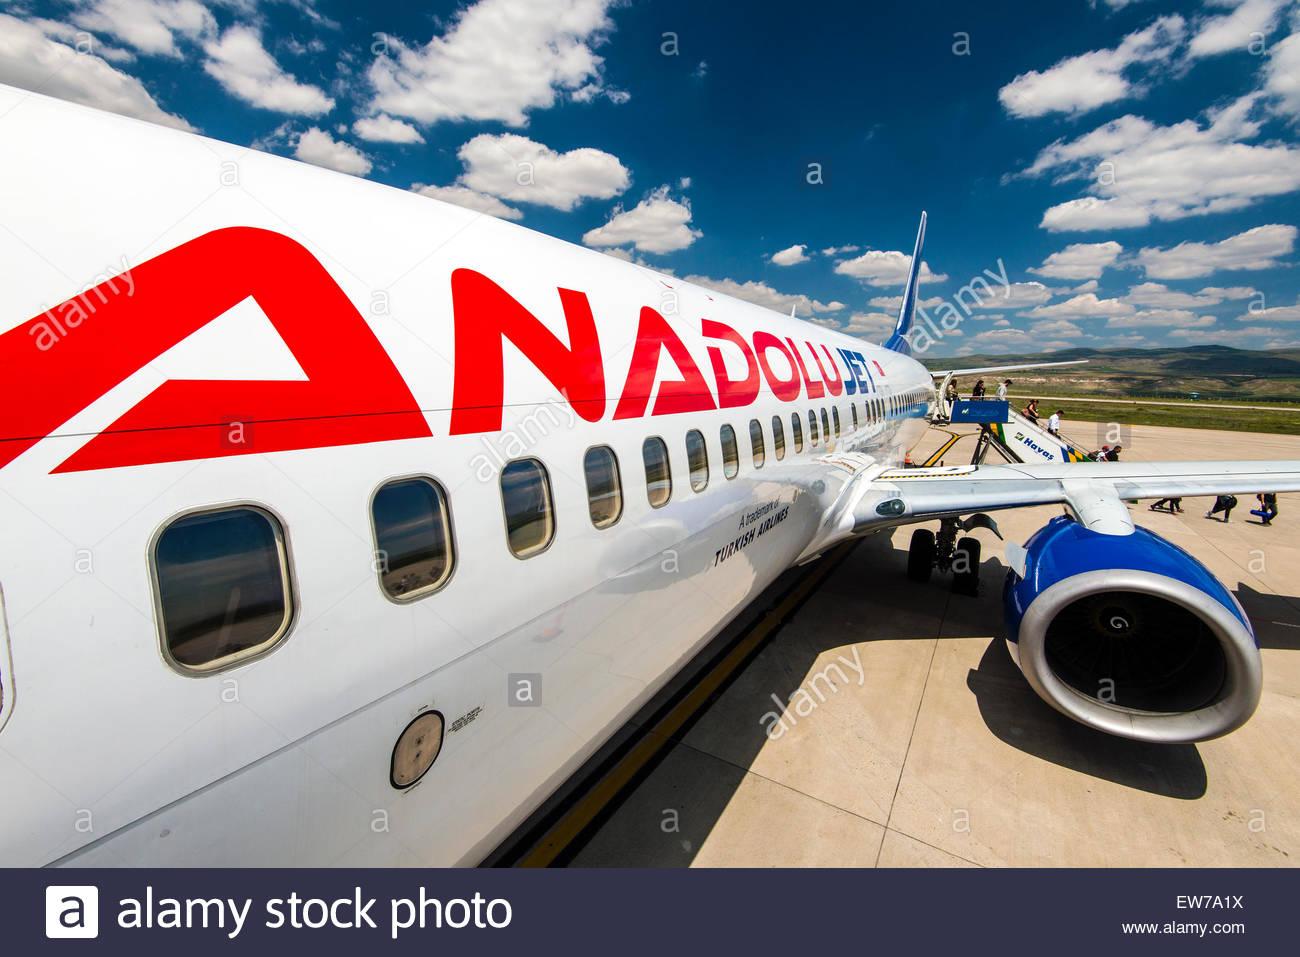 Anadolu Jet Boeing 737-800, Nevsehir airport, Cappadocia, Turkey - Stock Image